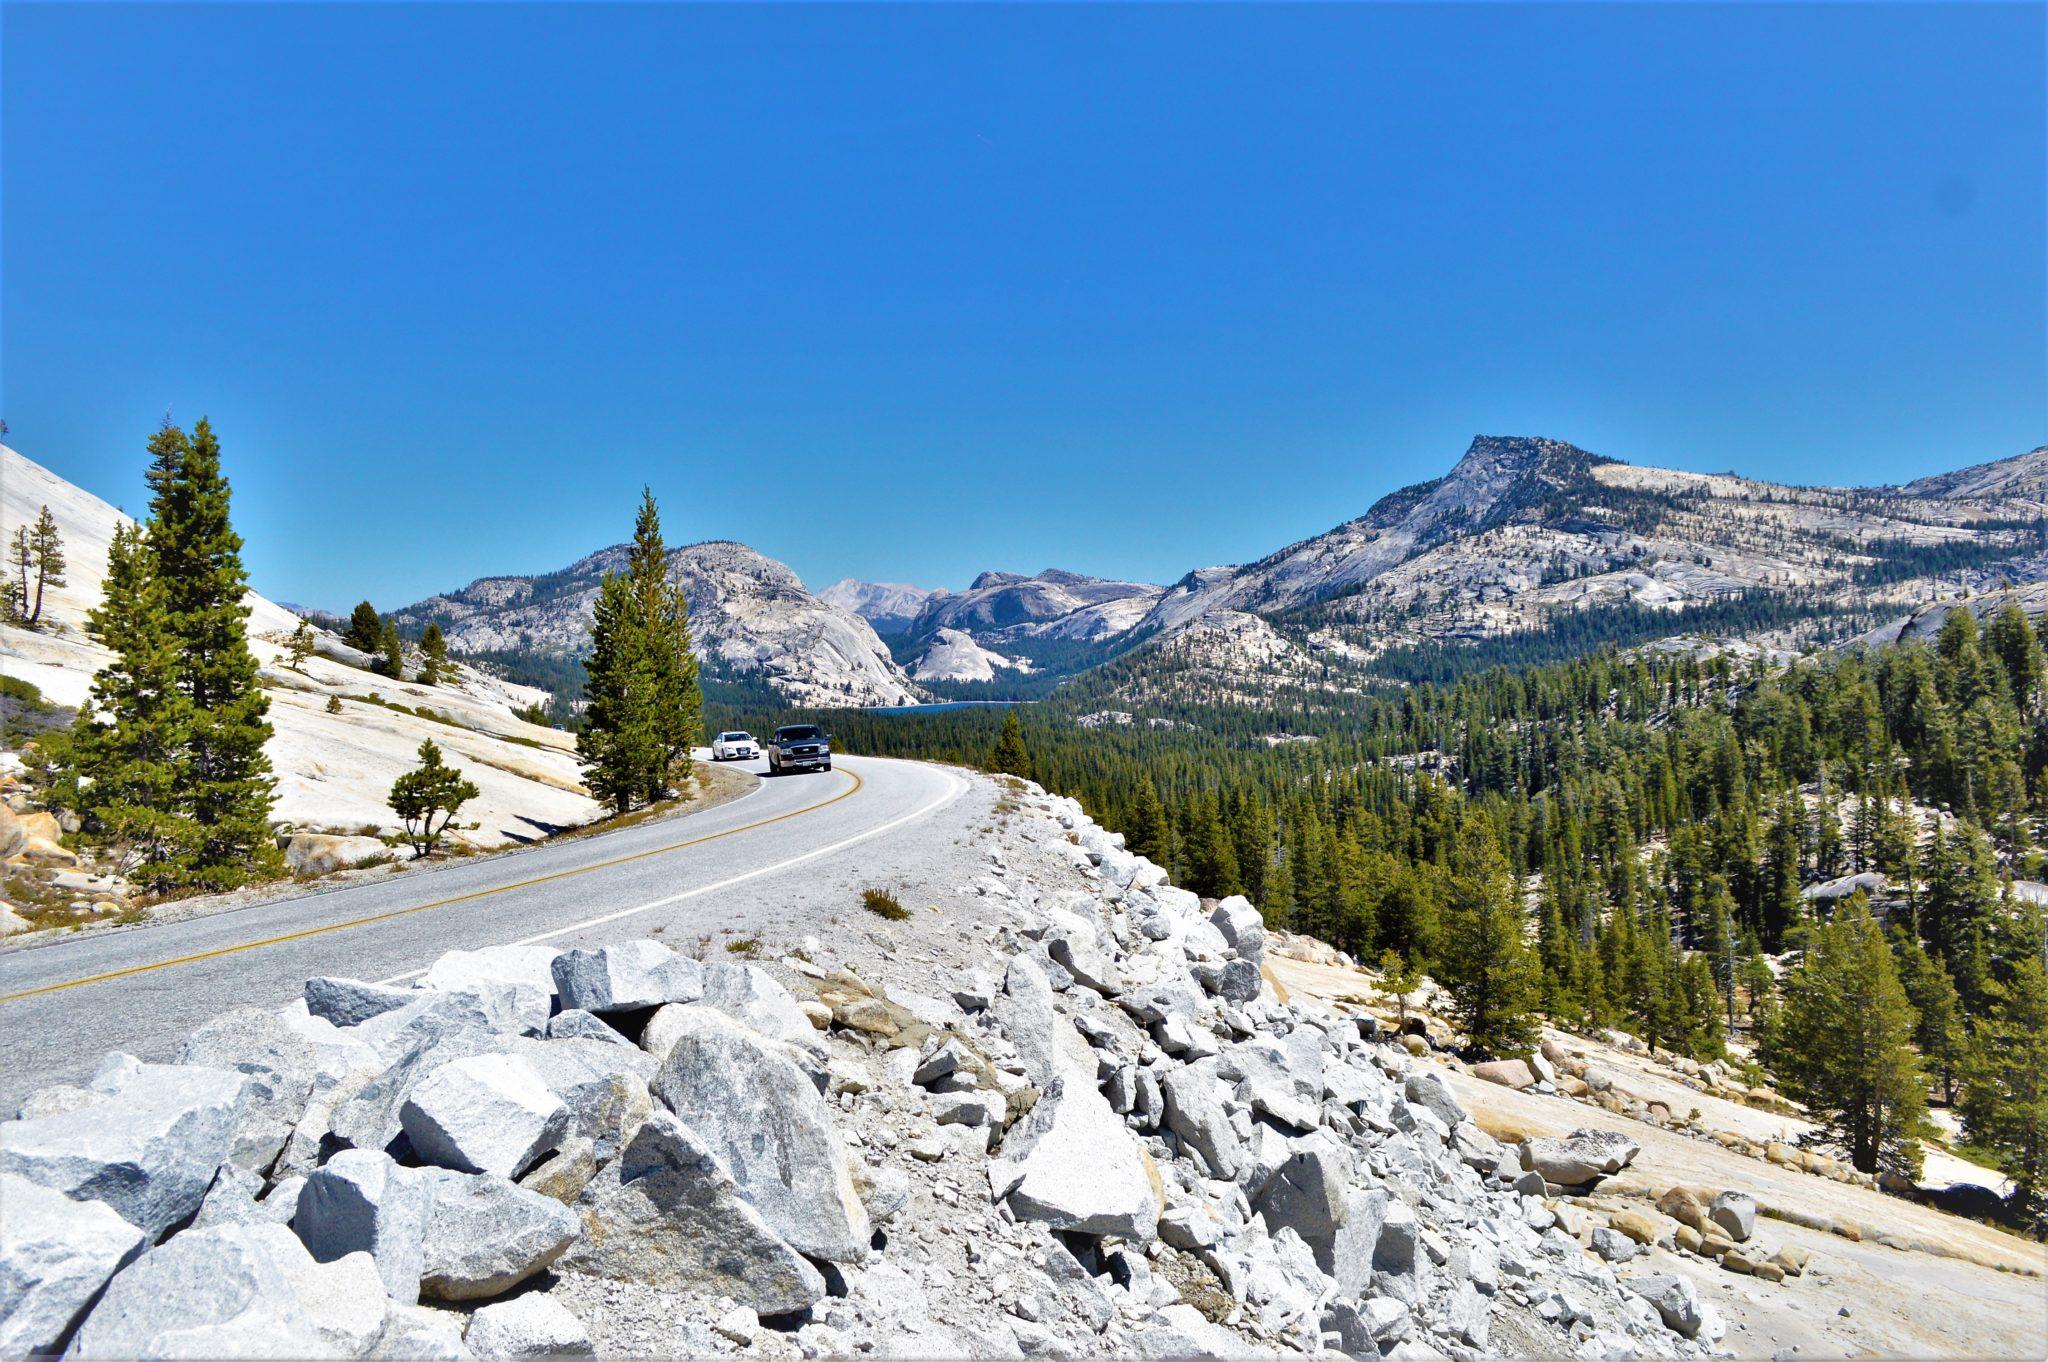 Road trip, Yosemite National Park, California